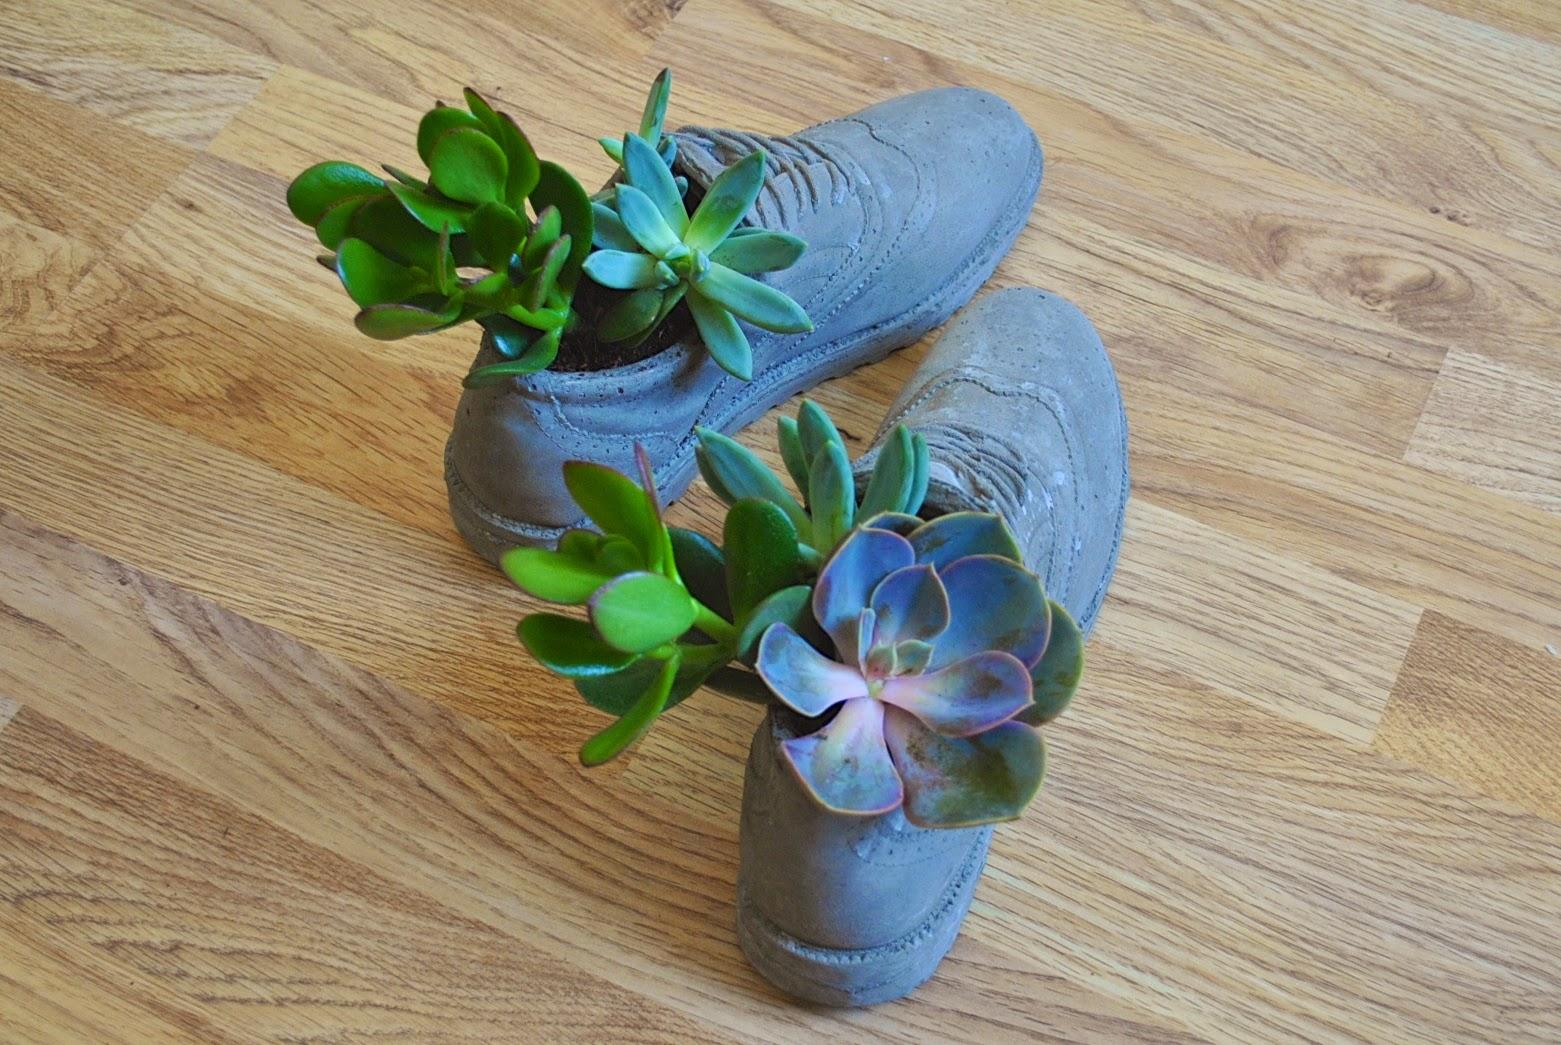 Concrete brogue plant pots